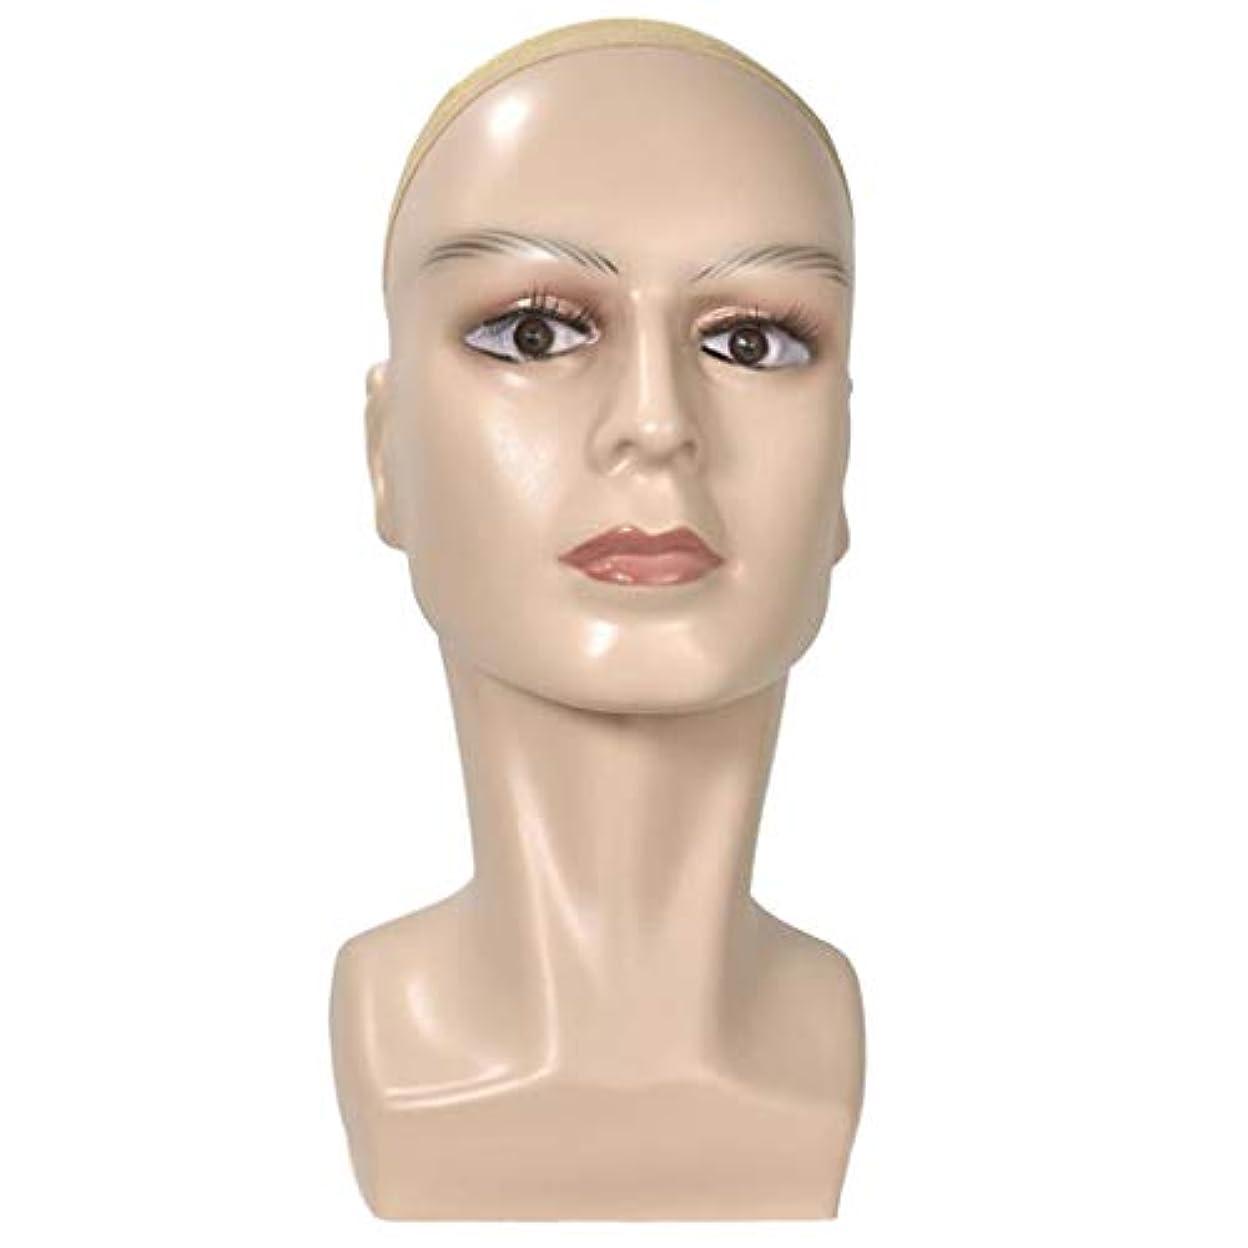 変成器情熱的錫マネキンヘッド メイク ウィッグ リアルな 女性 ライフサイズ かつら 帽子 ディスプレイ 全2色 - 肌の色